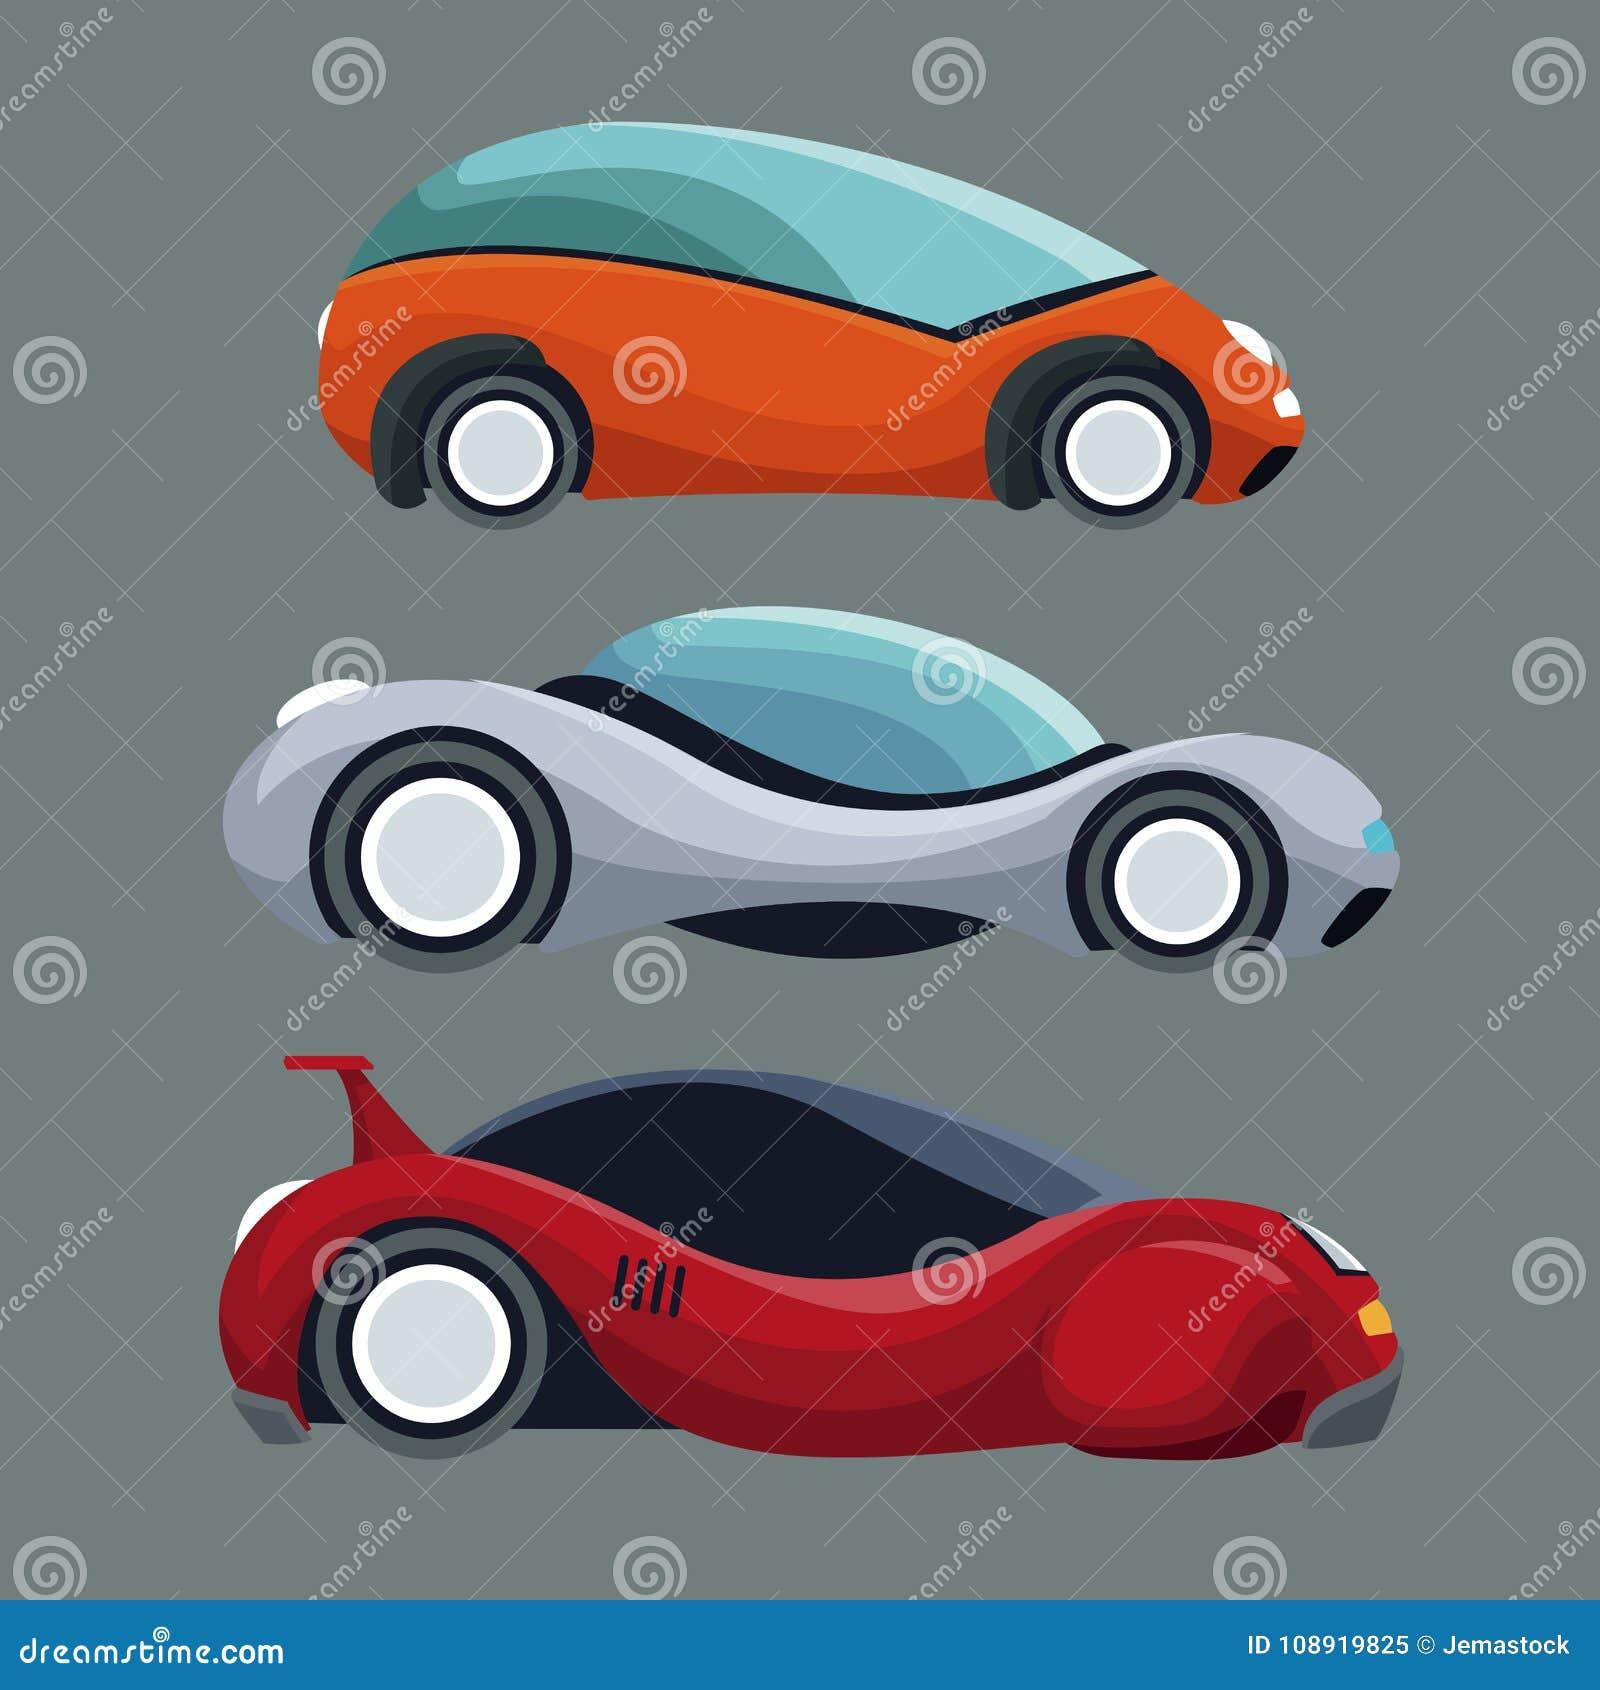 Fundo cinzento de veículos modernos futuristas do carro do grupo colorido